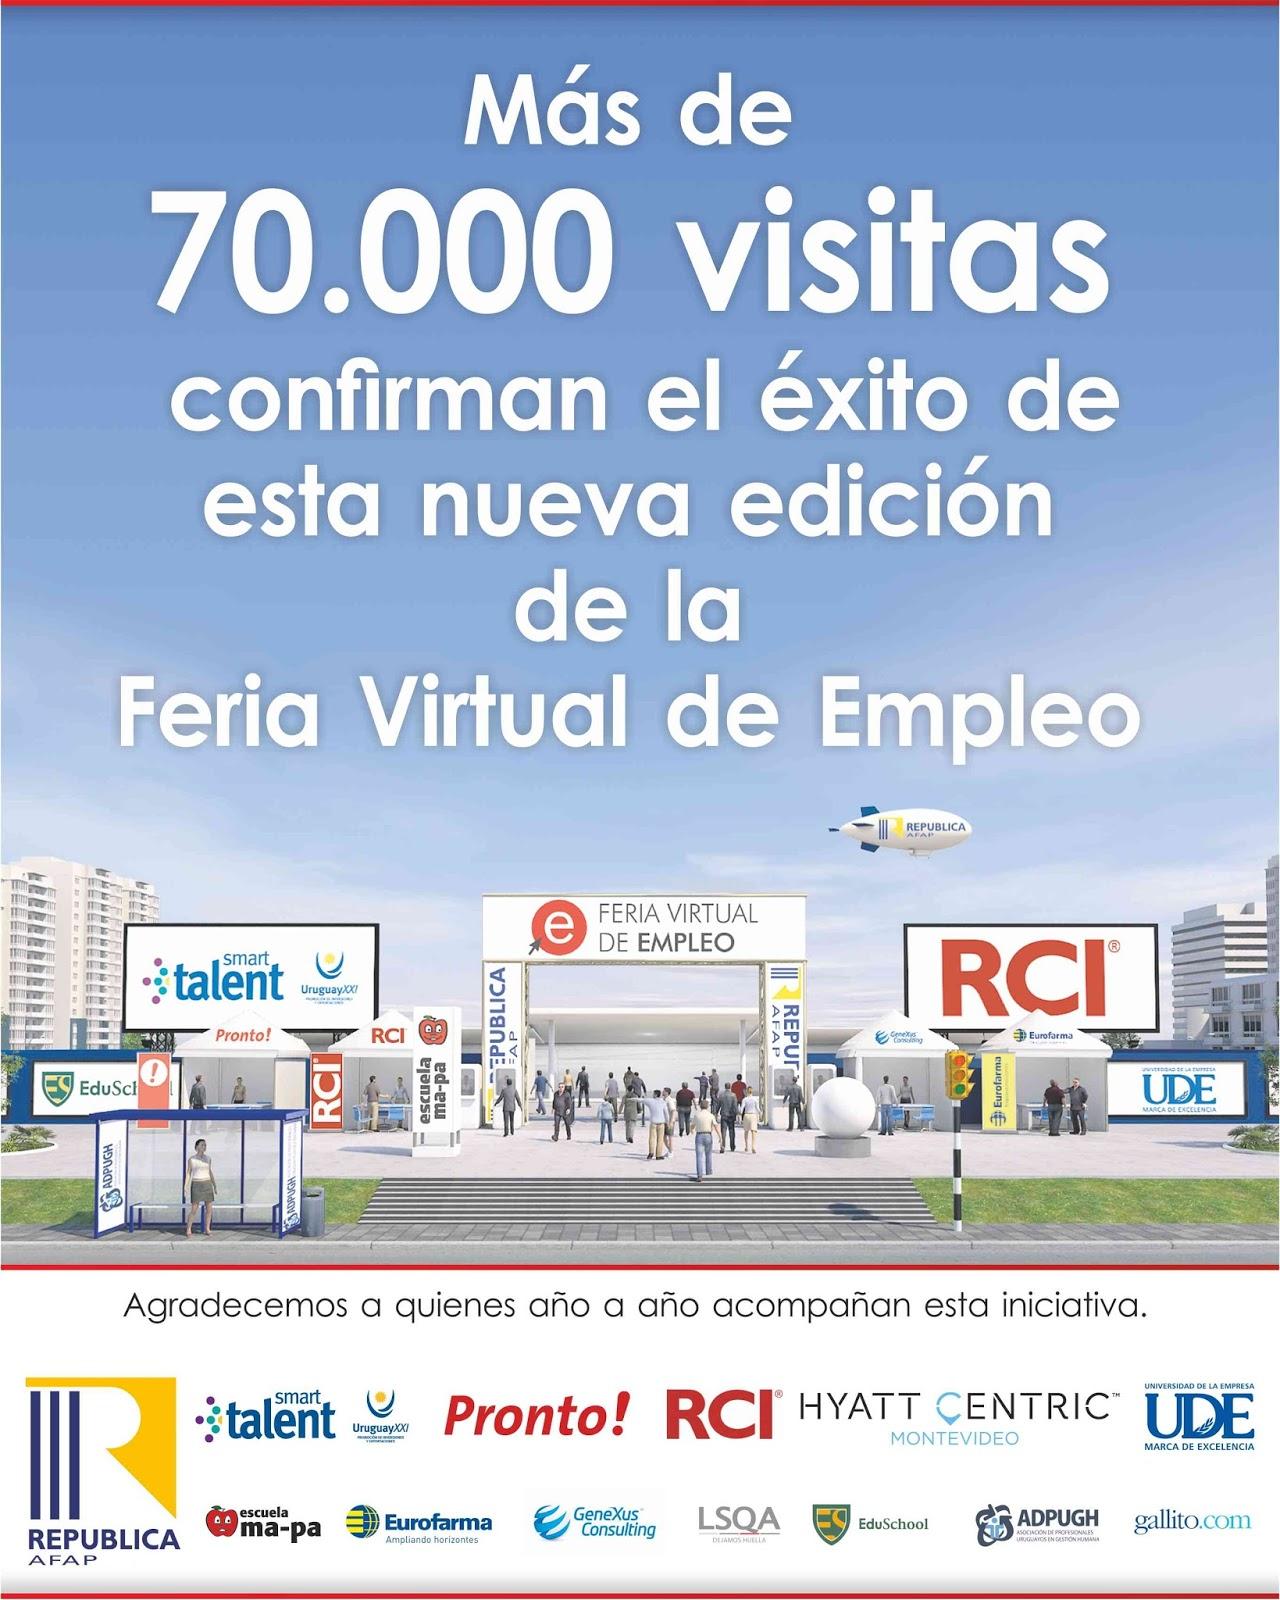 Gracias a todas las empresas que hicieron posible esta for Ina virtual de empleo